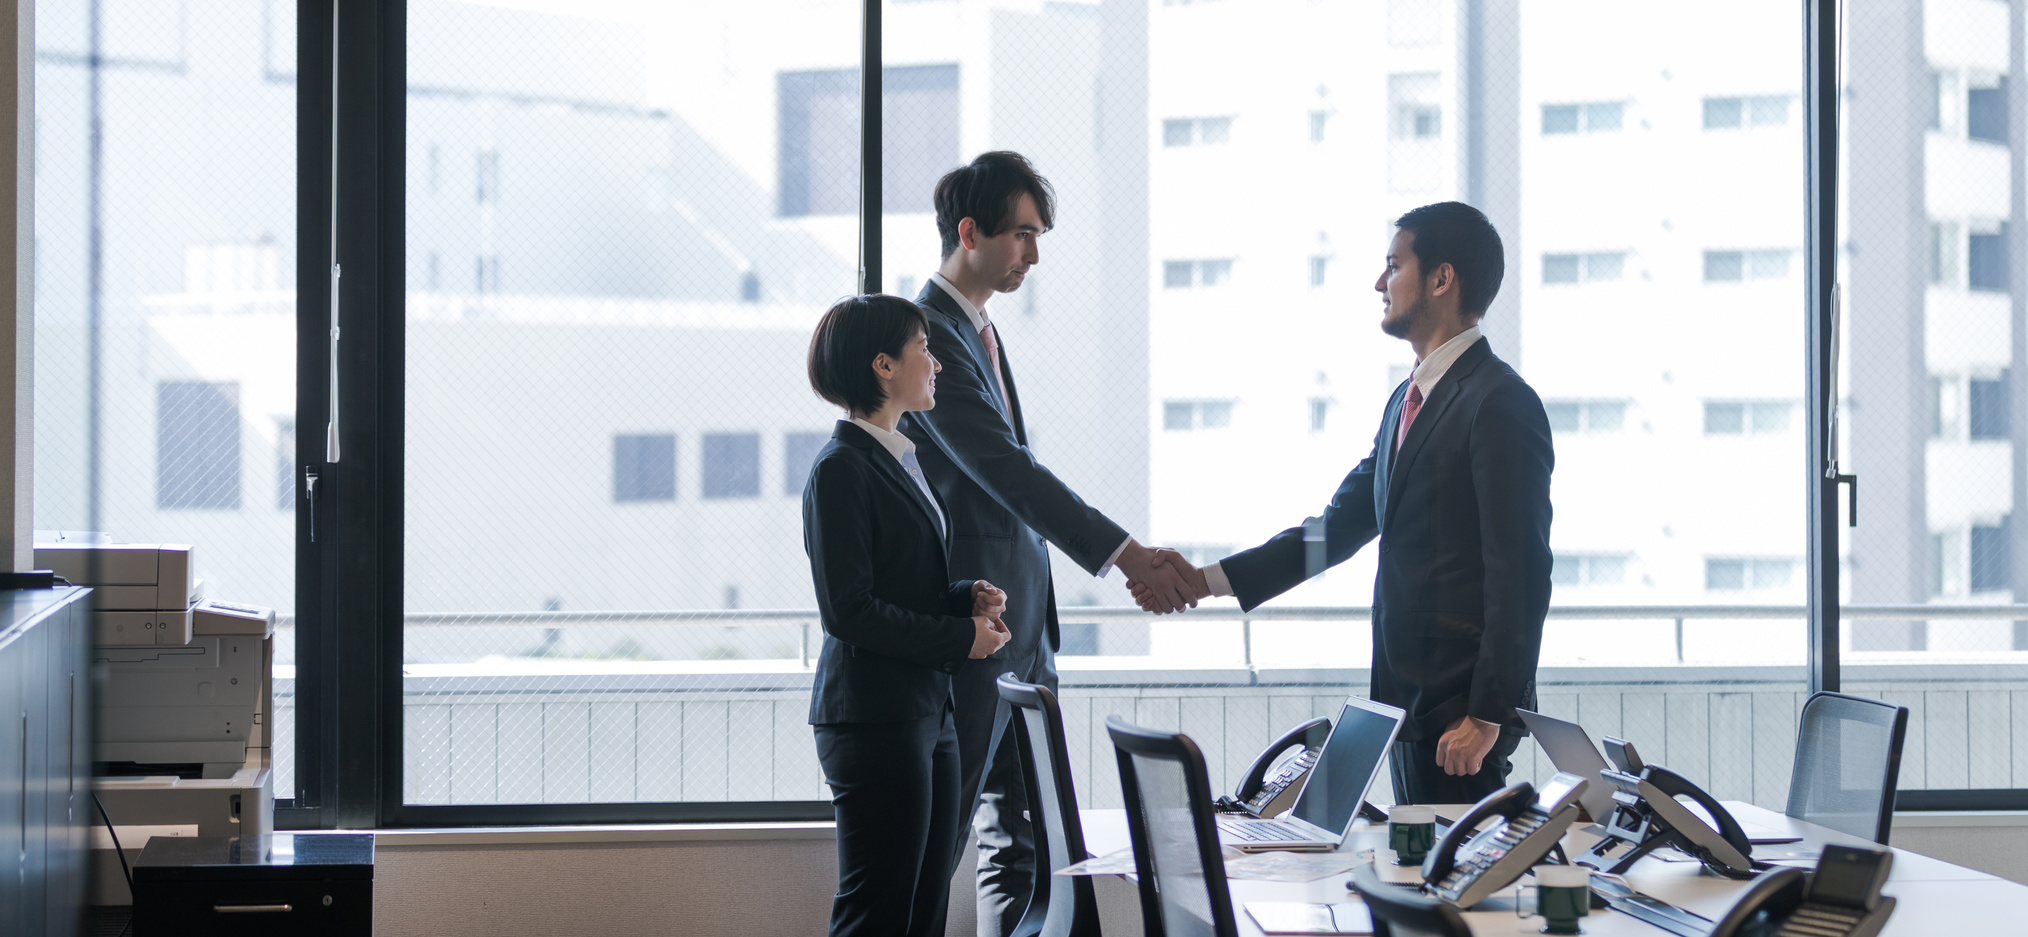 個人事業主の業務委託とは?請負契約や委任契約について解説